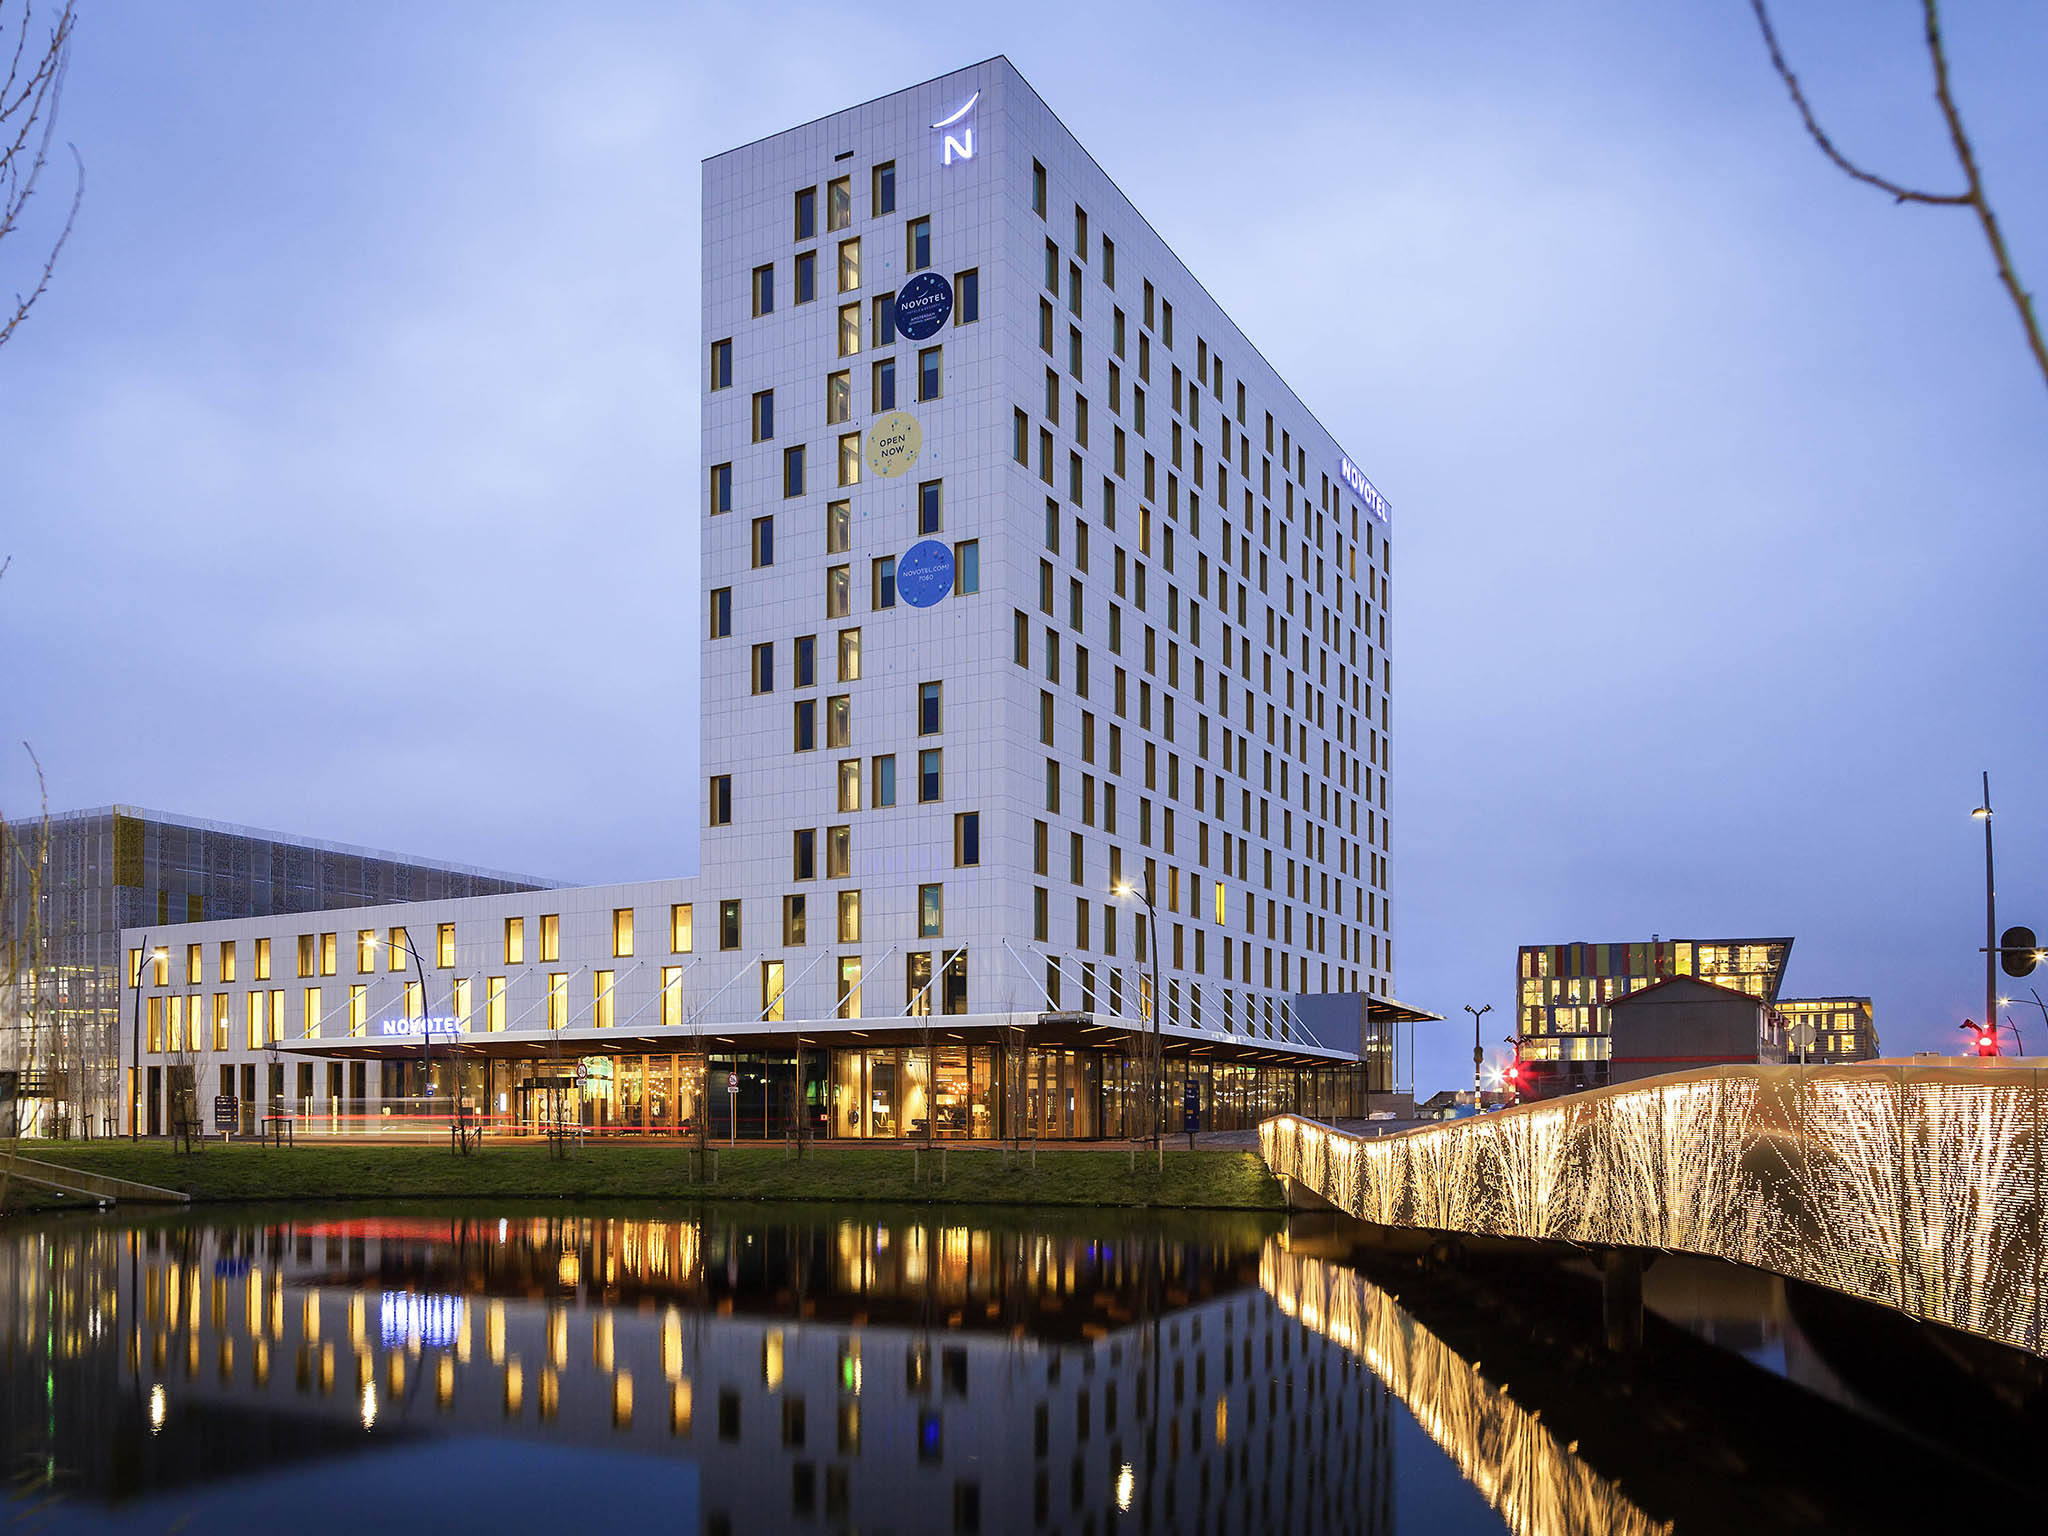 โรงแรม – โนโวเทล อัมสเตอร์ดัม สคิปโพล แอร์พอร์ต